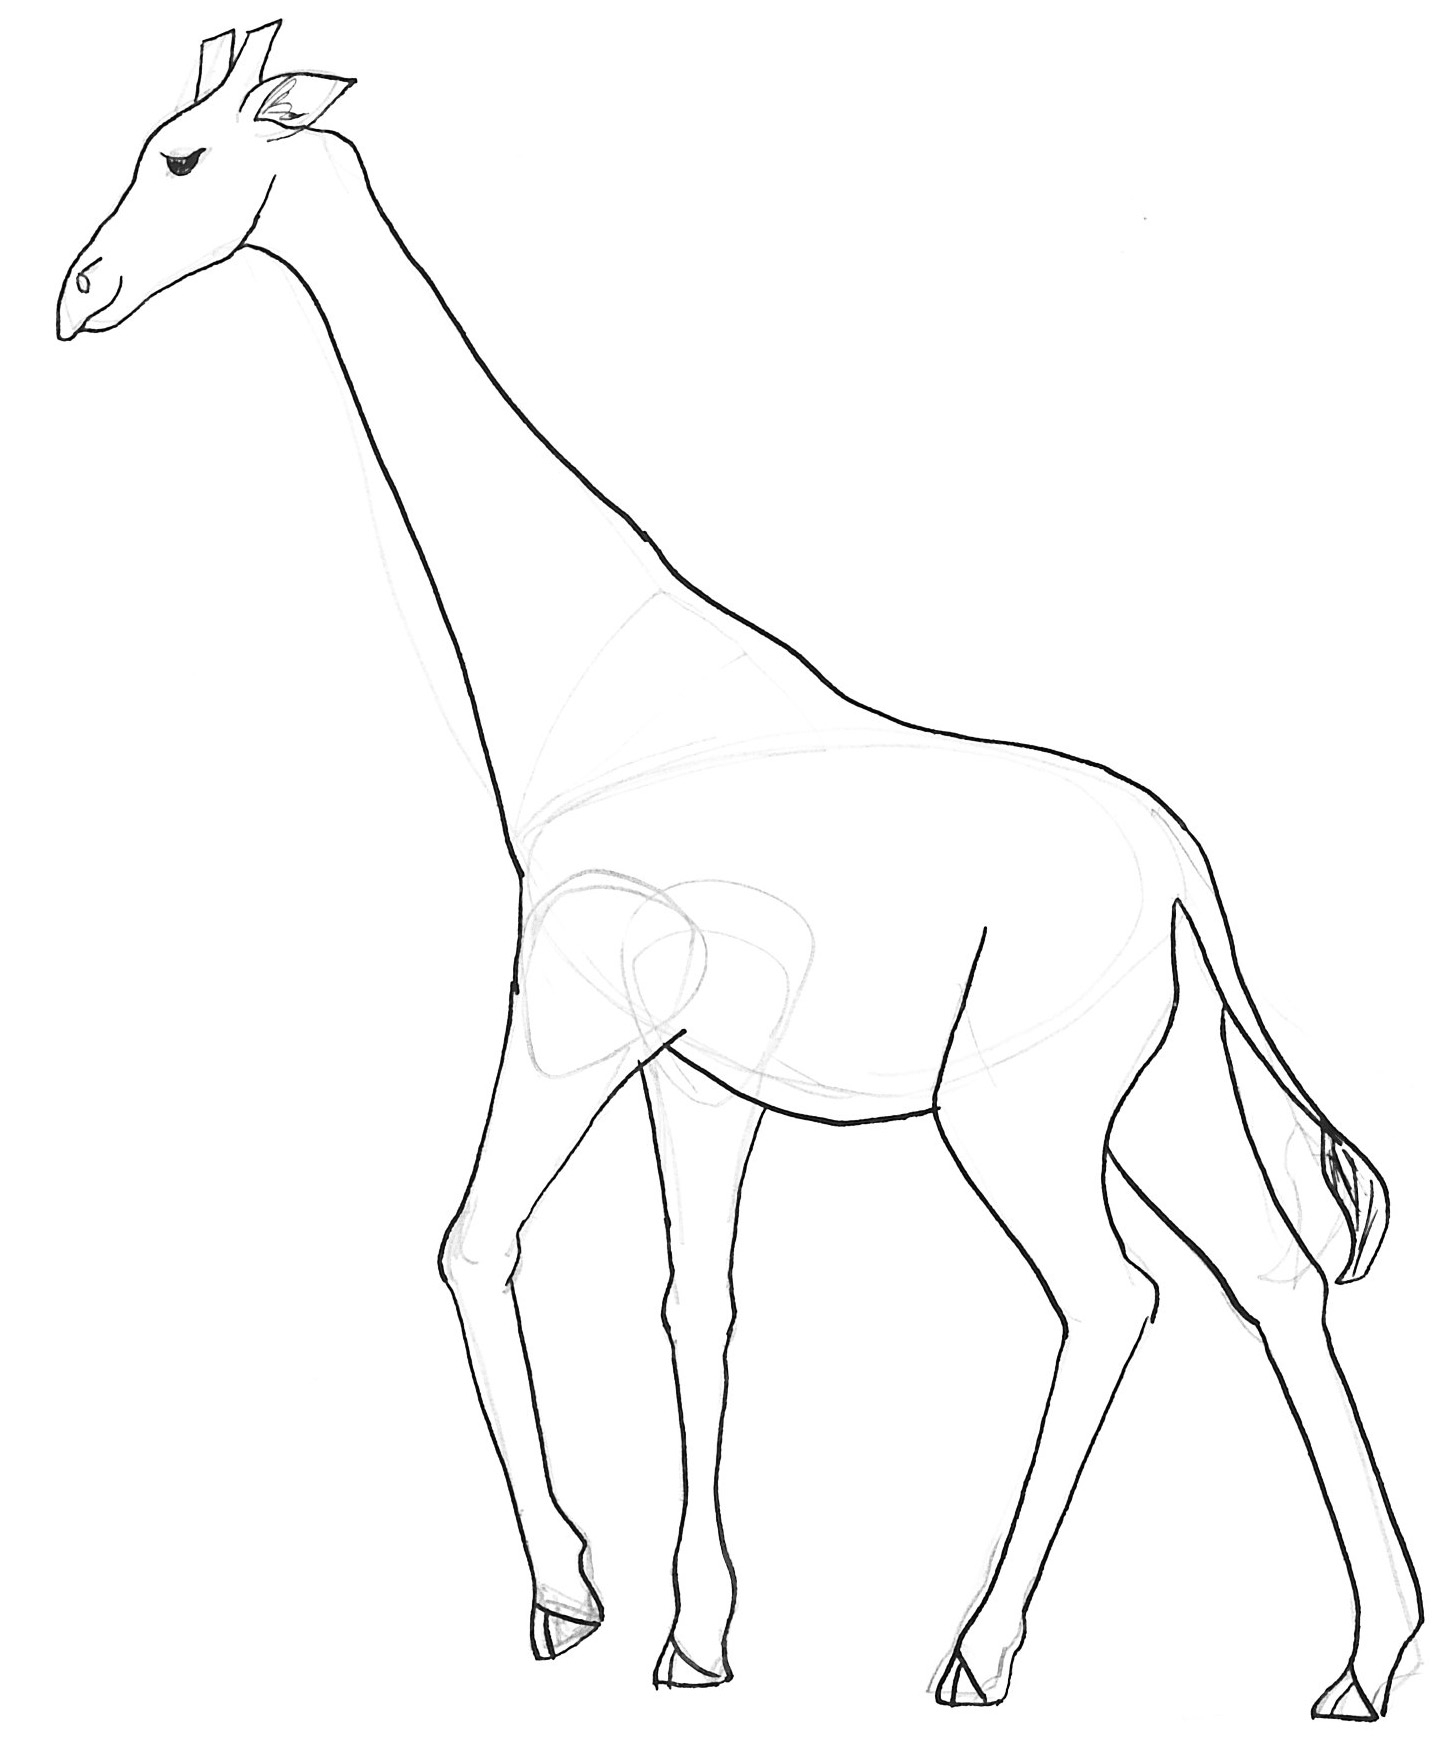 Coloriages à imprimer : Girafe, numéro : 2dcc5e52